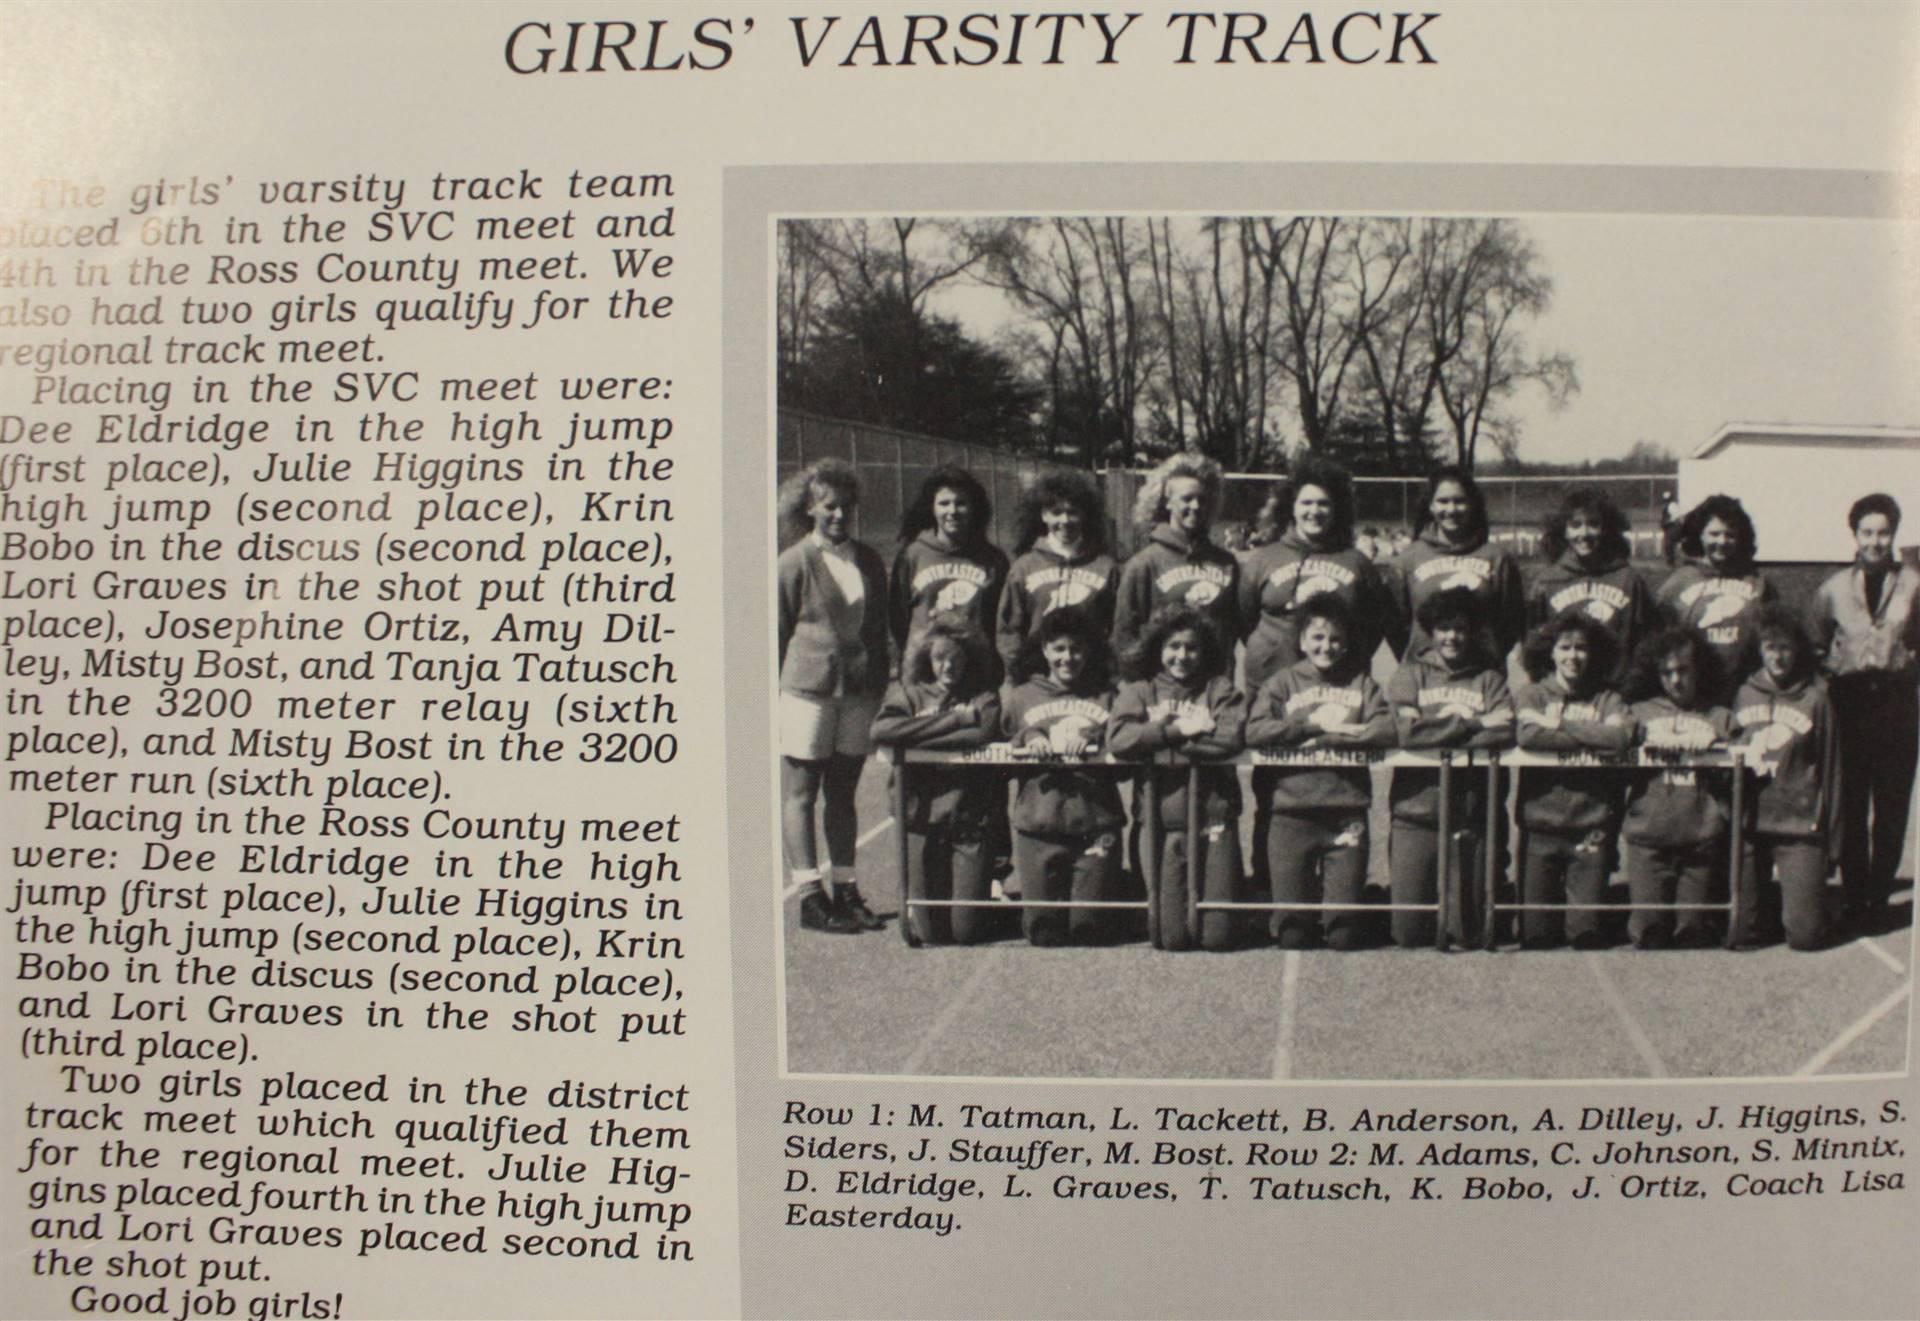 1990 Girls' Varsity Track